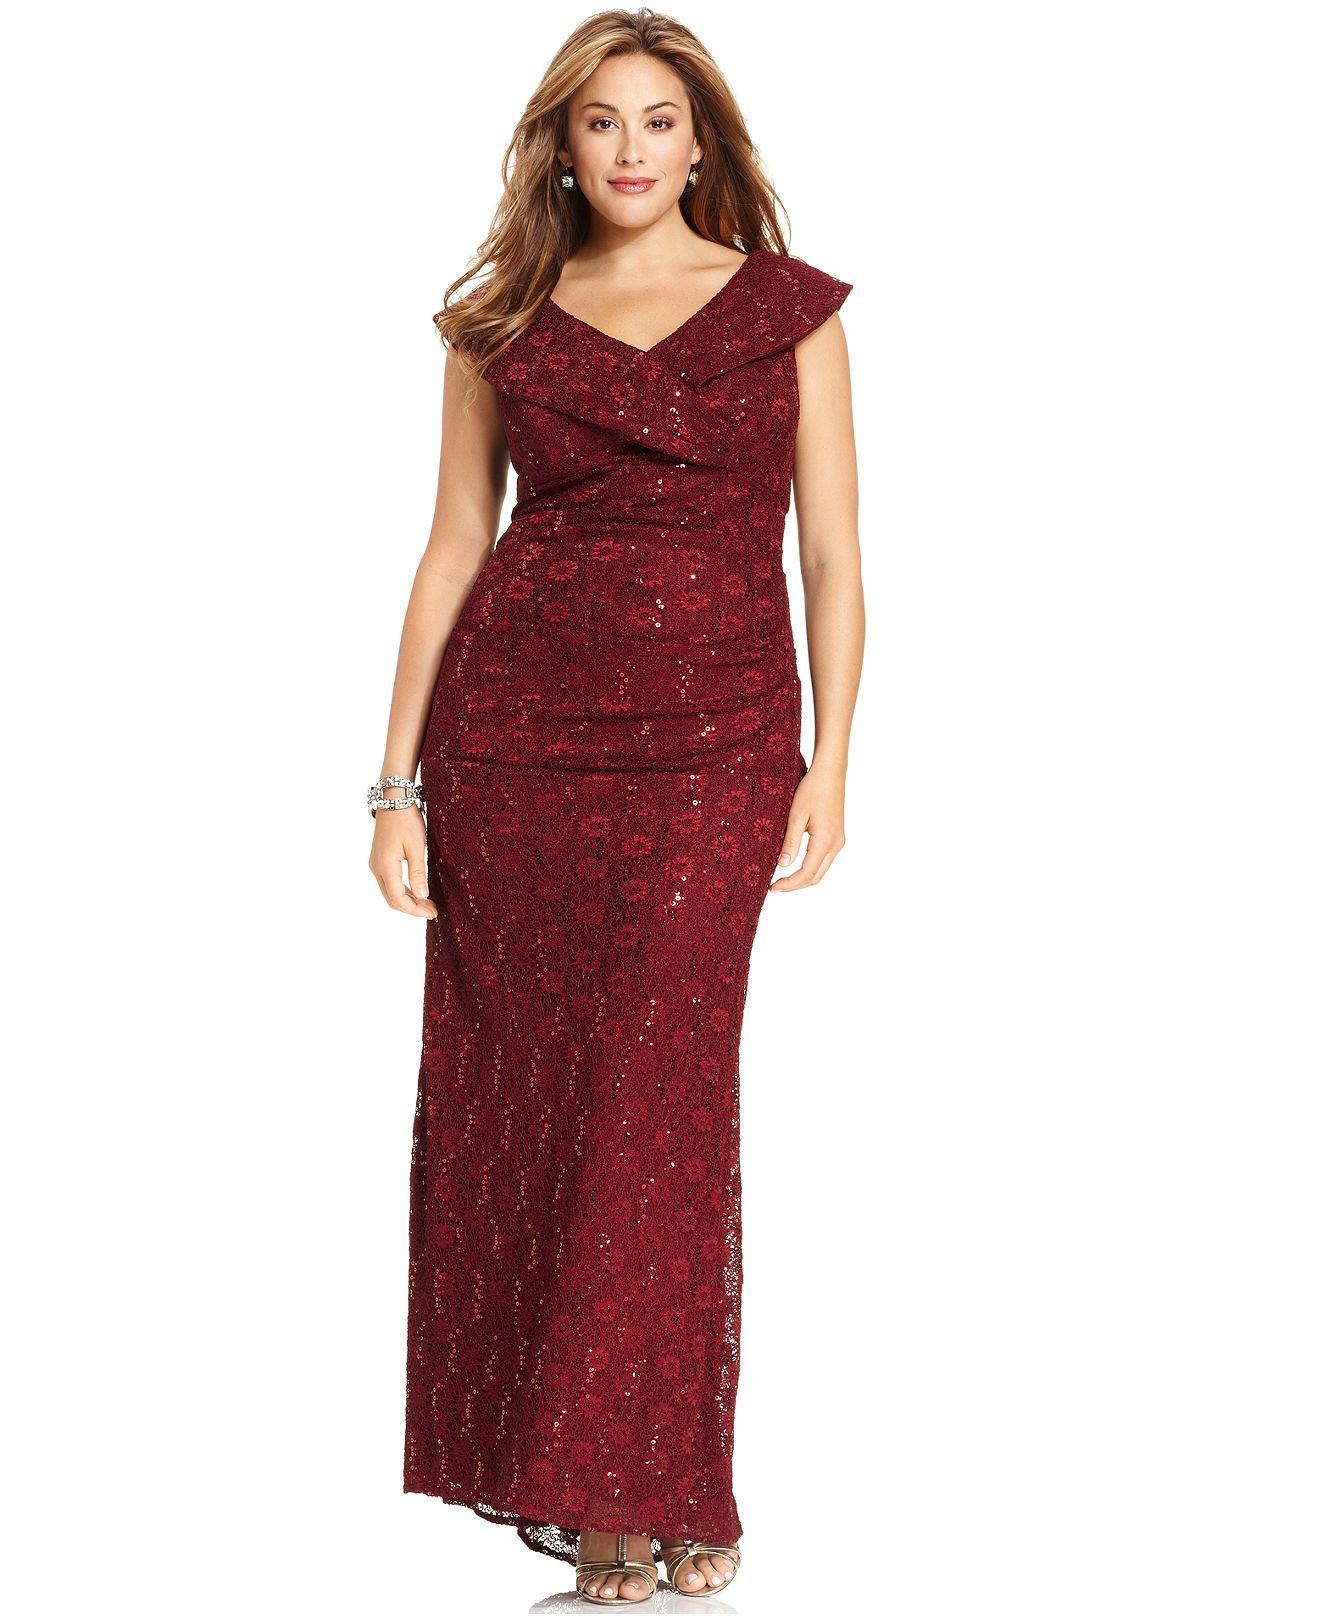 7bd569f98af Alex Evenings Plus Size Dress